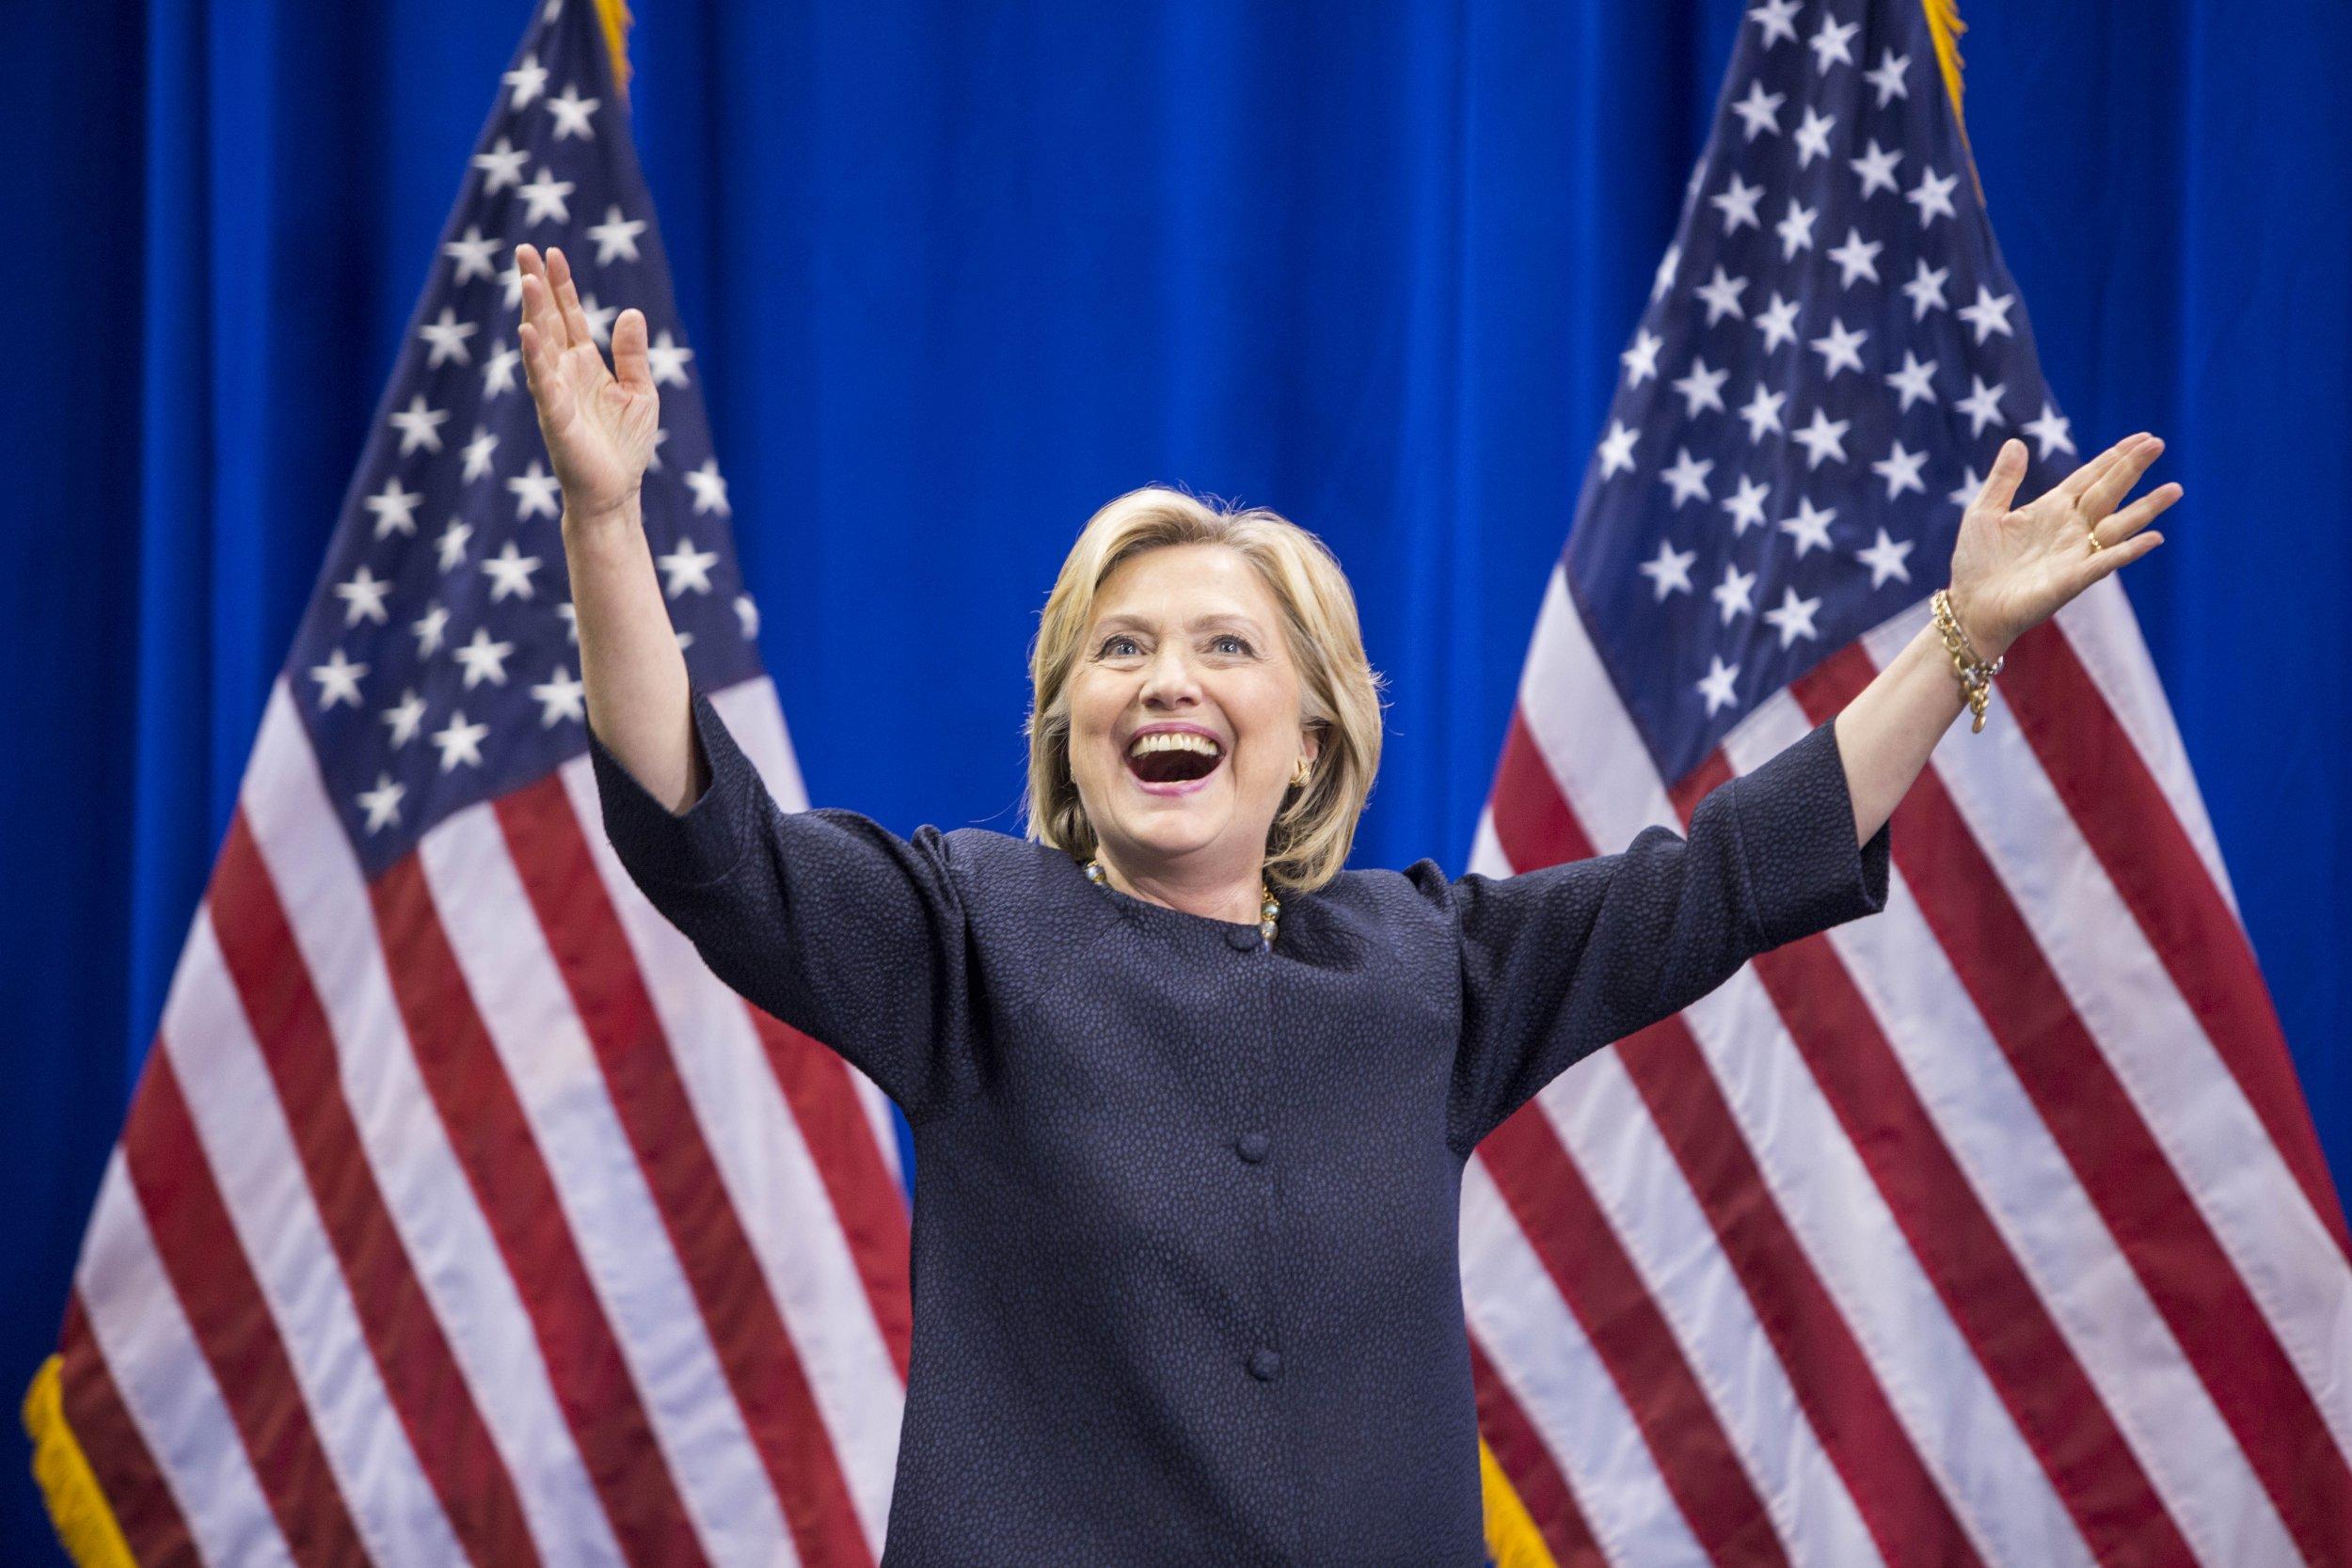 Hillary Clinton Democrats Republicans midterm elections